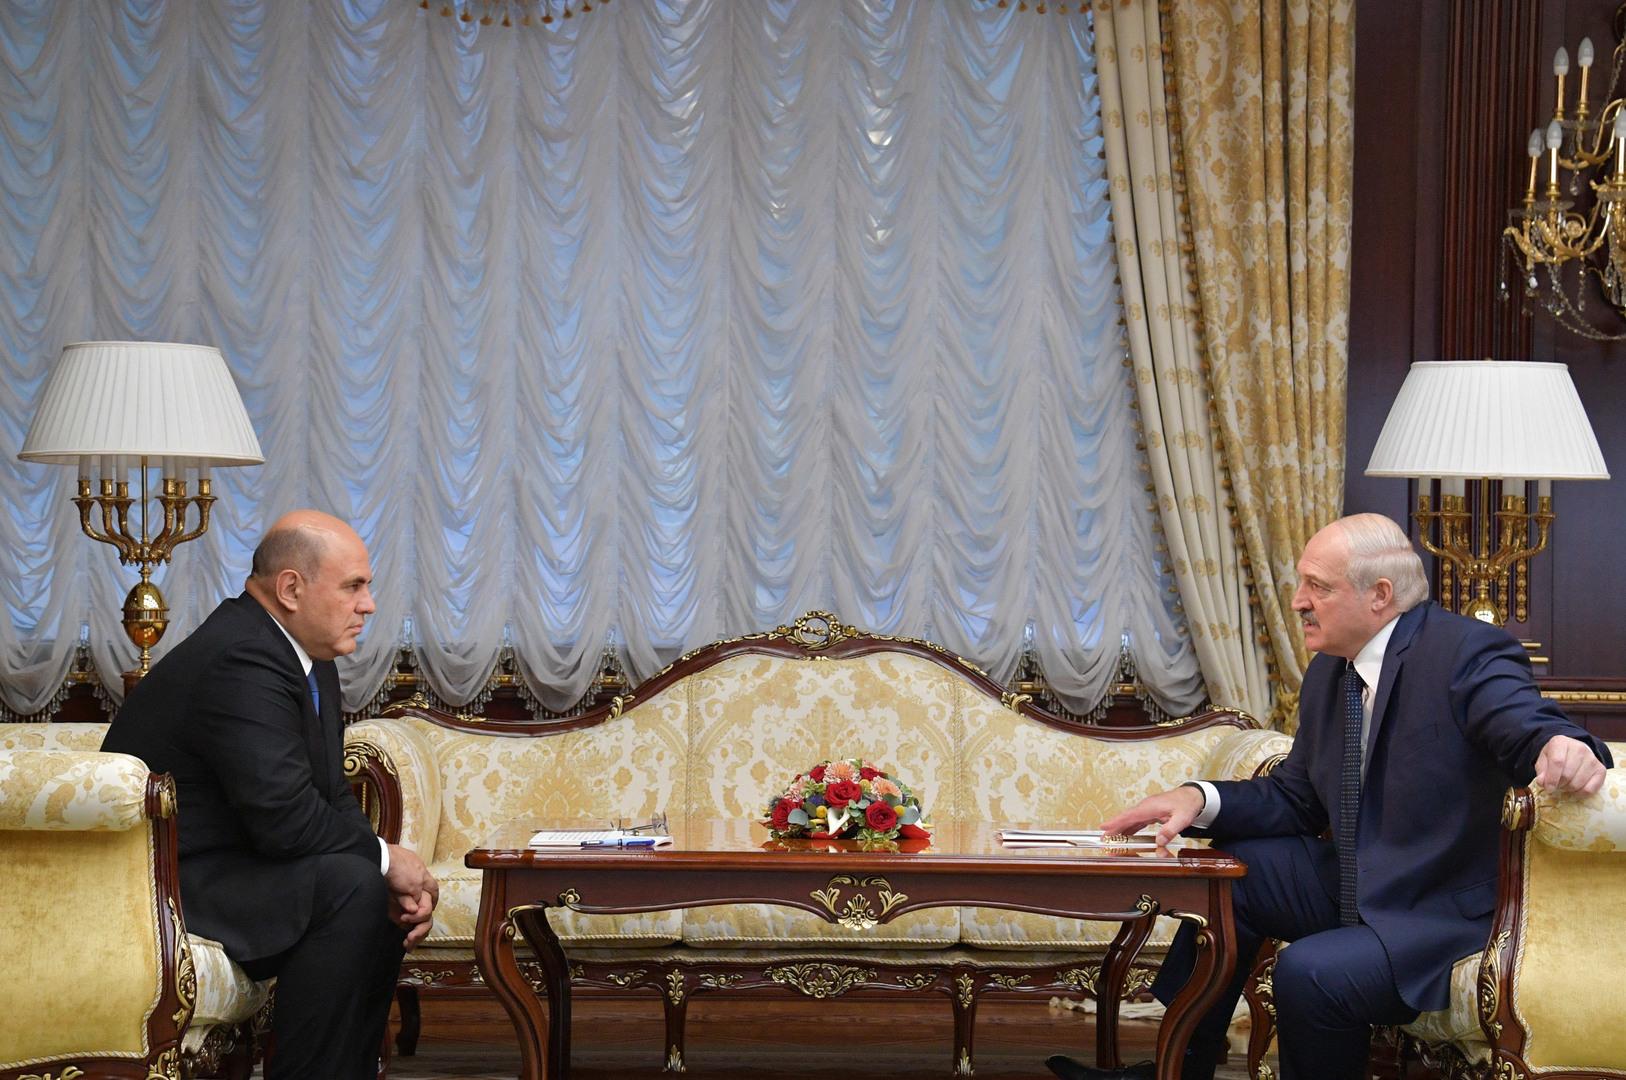 الرئيس البيلاروسي ألكسندر لوكاشينكو يستقبل رئيس الوزراء الروسي ميخائيل ميشوستين في مينسك